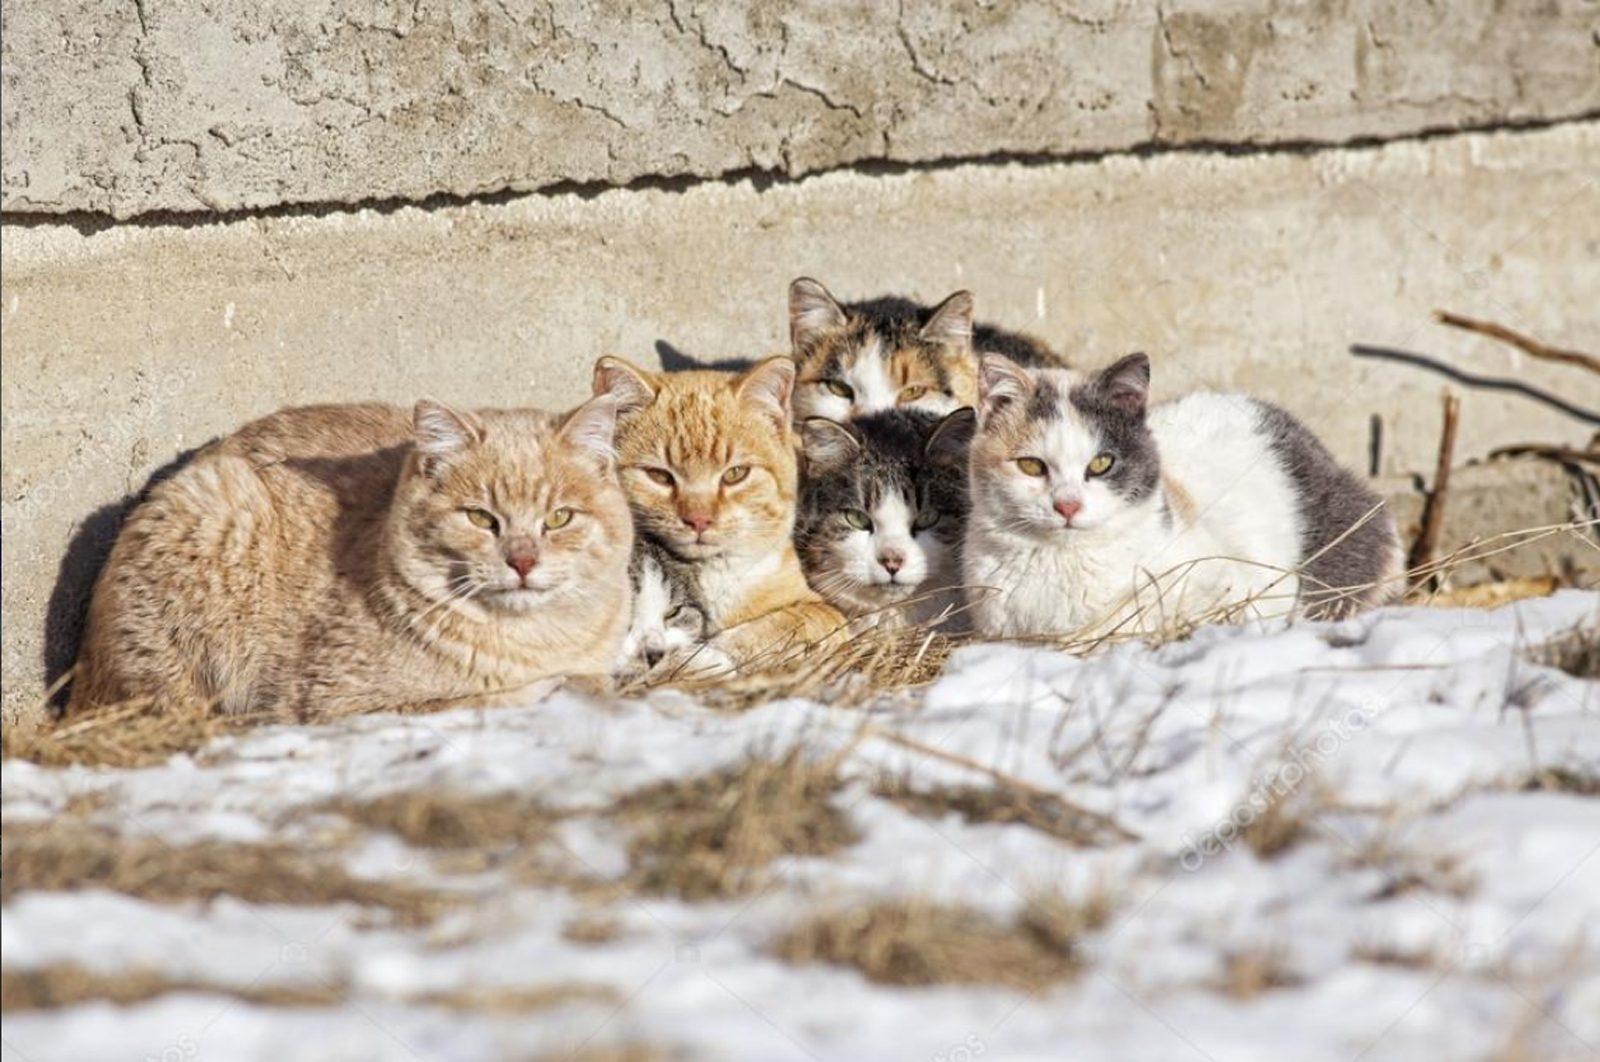 City launches Cat Consultation Survey